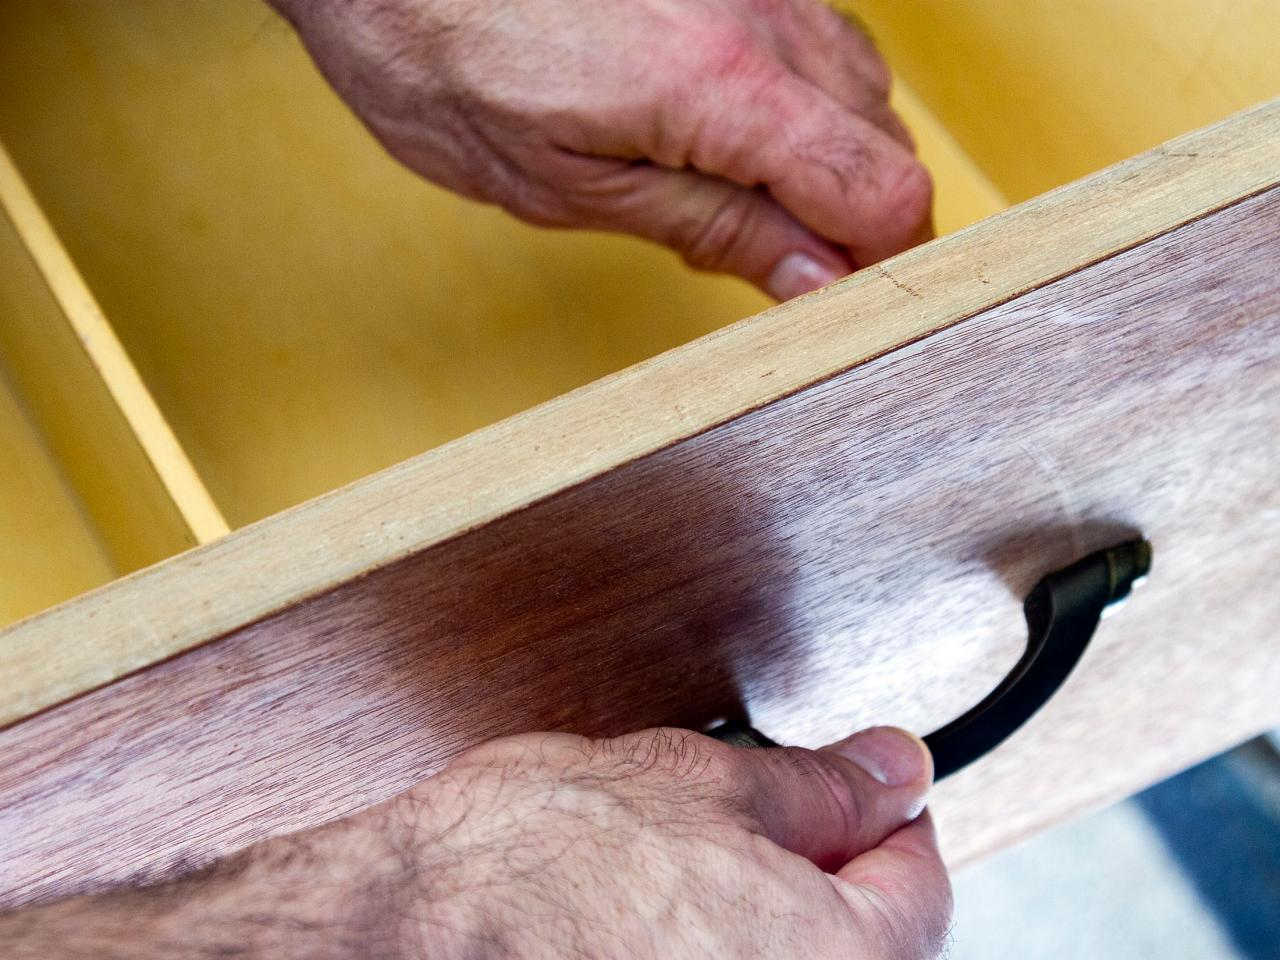 Как обновить комод своими руками - снимаем фурнитуру